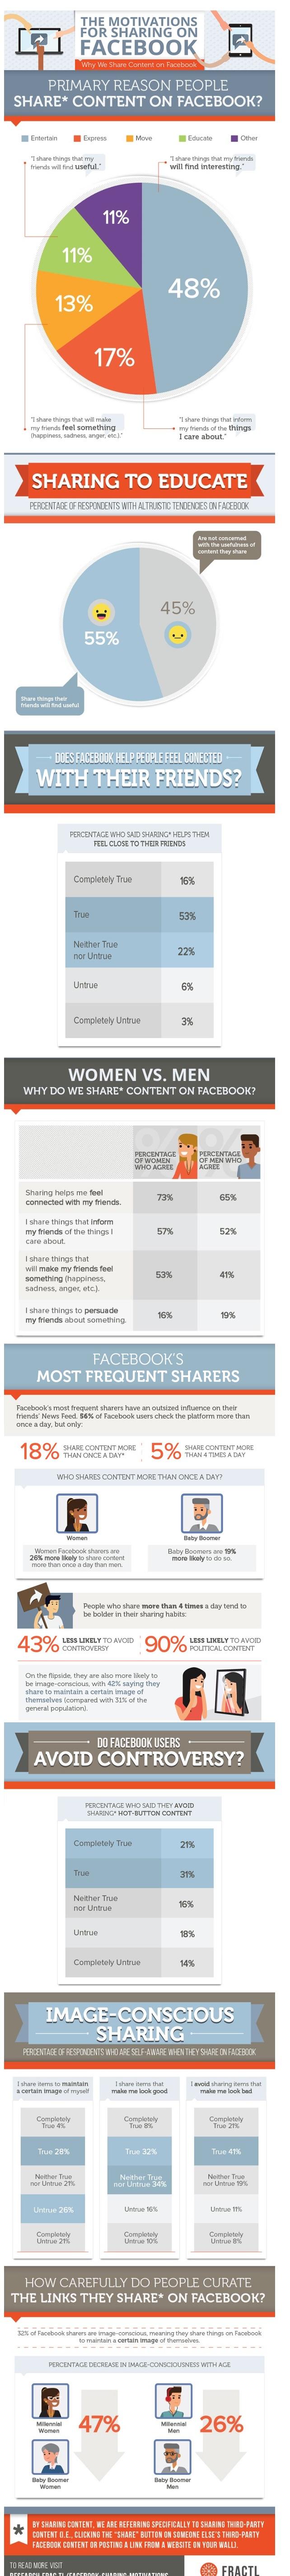 Infographie-sur-les-partages-Facebook-influenth